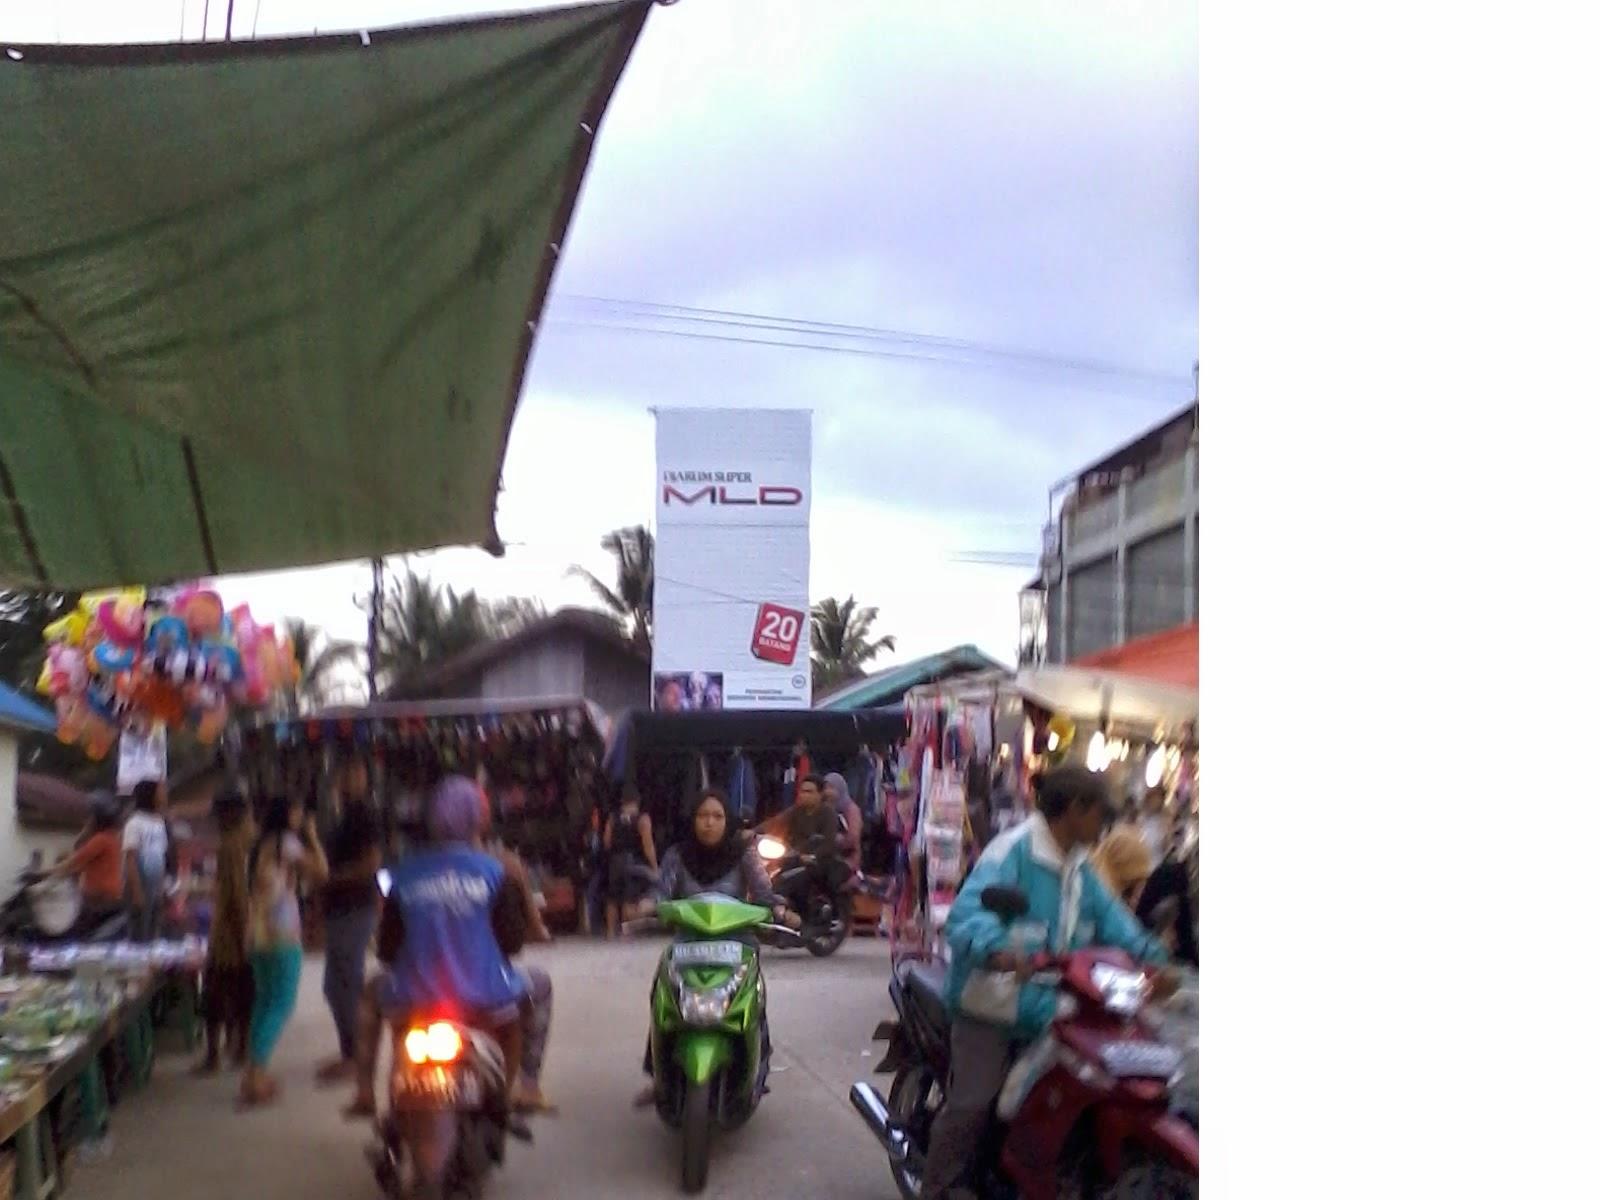 begitulah sebutan pasar yang diadakan pada malam hari Inilah Photo-photo Pasar Malam di Kampung Baru